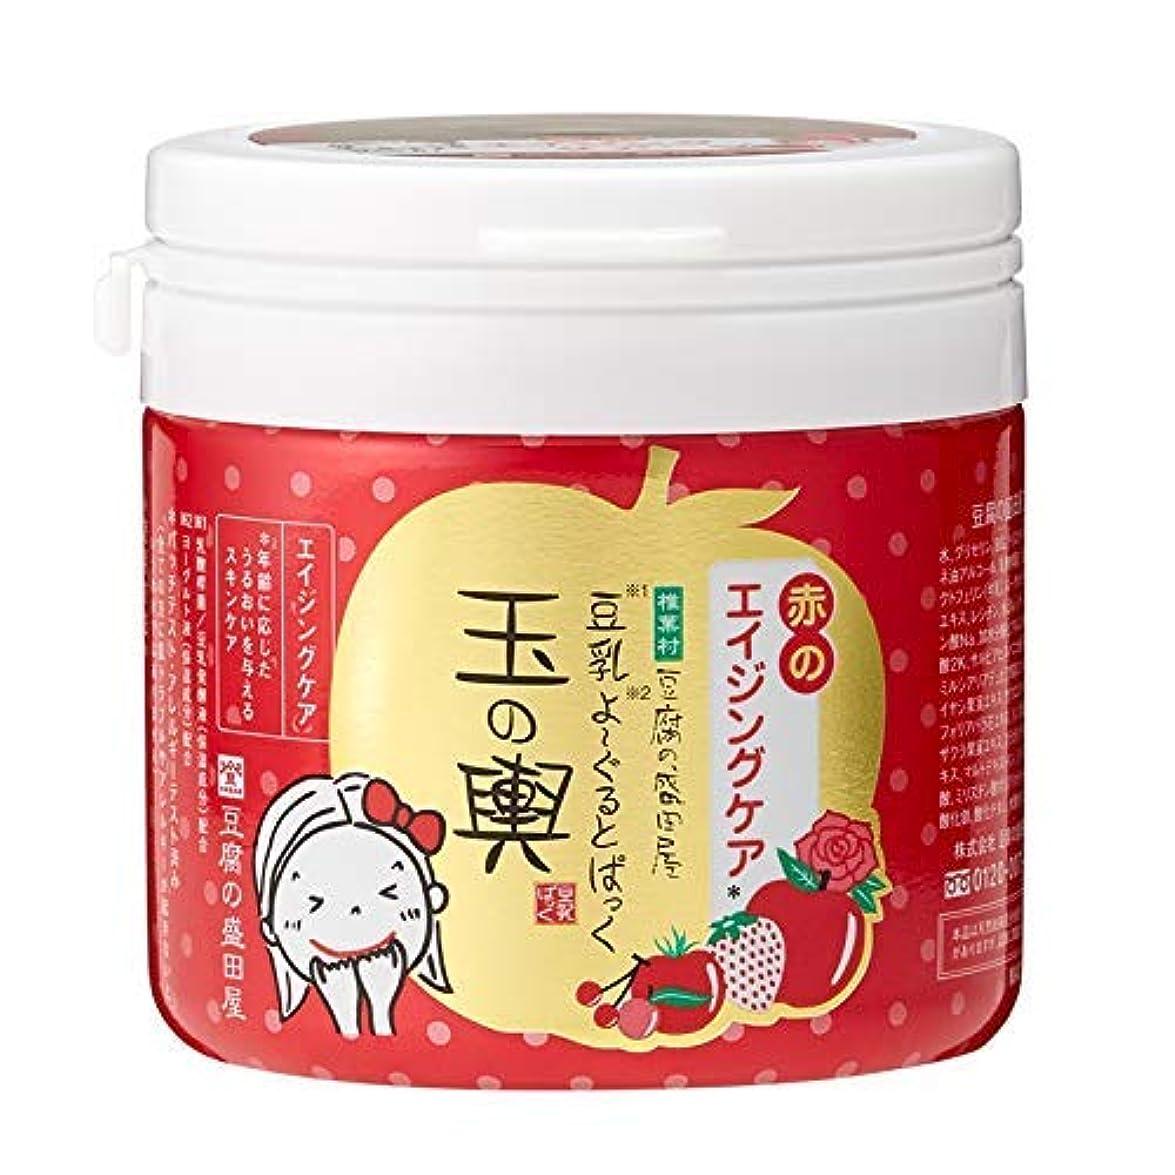 信念合理的割れ目豆腐の盛田屋 豆乳よーぐるとぱっく 玉の輿 赤のエイジングケア 150g